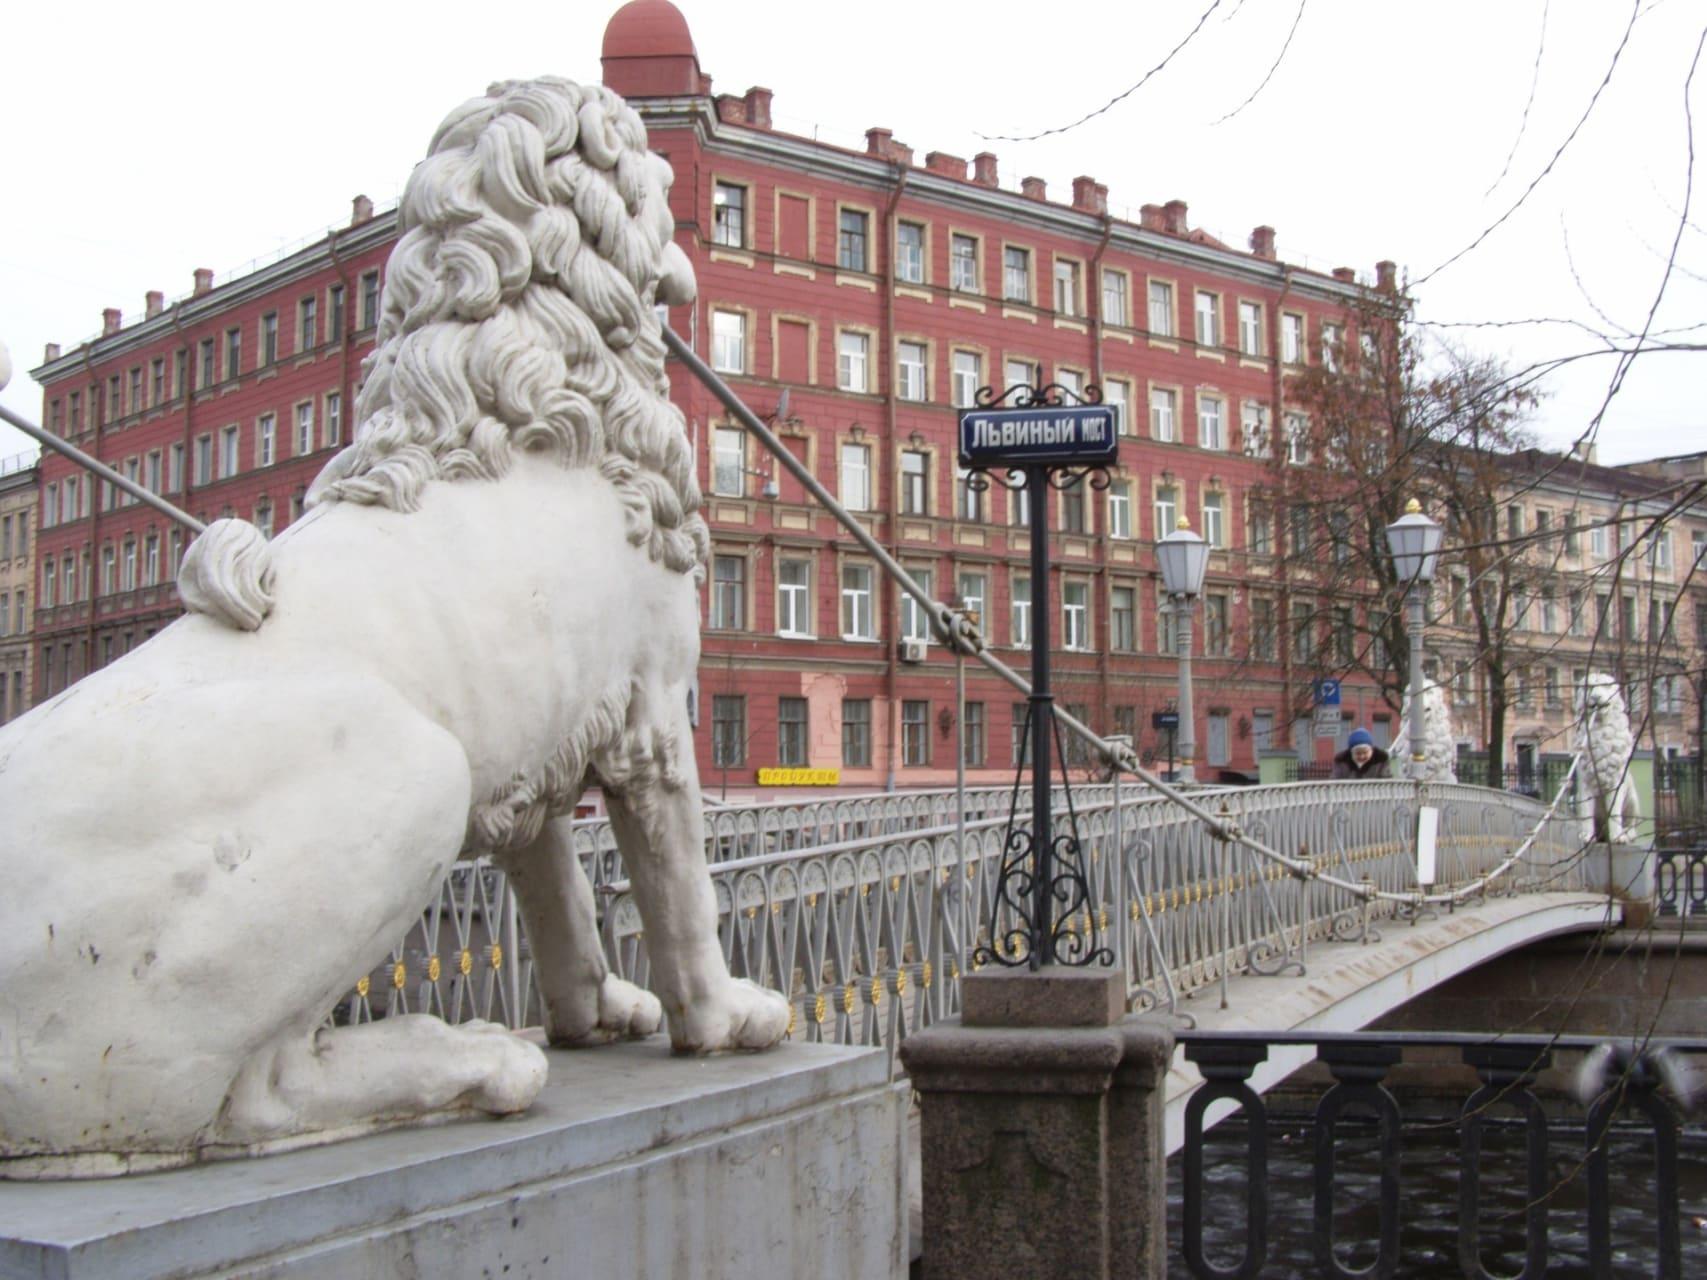 Saint Petersburg - Fyodor Dostoyevsky in Saint Petersburg Part II